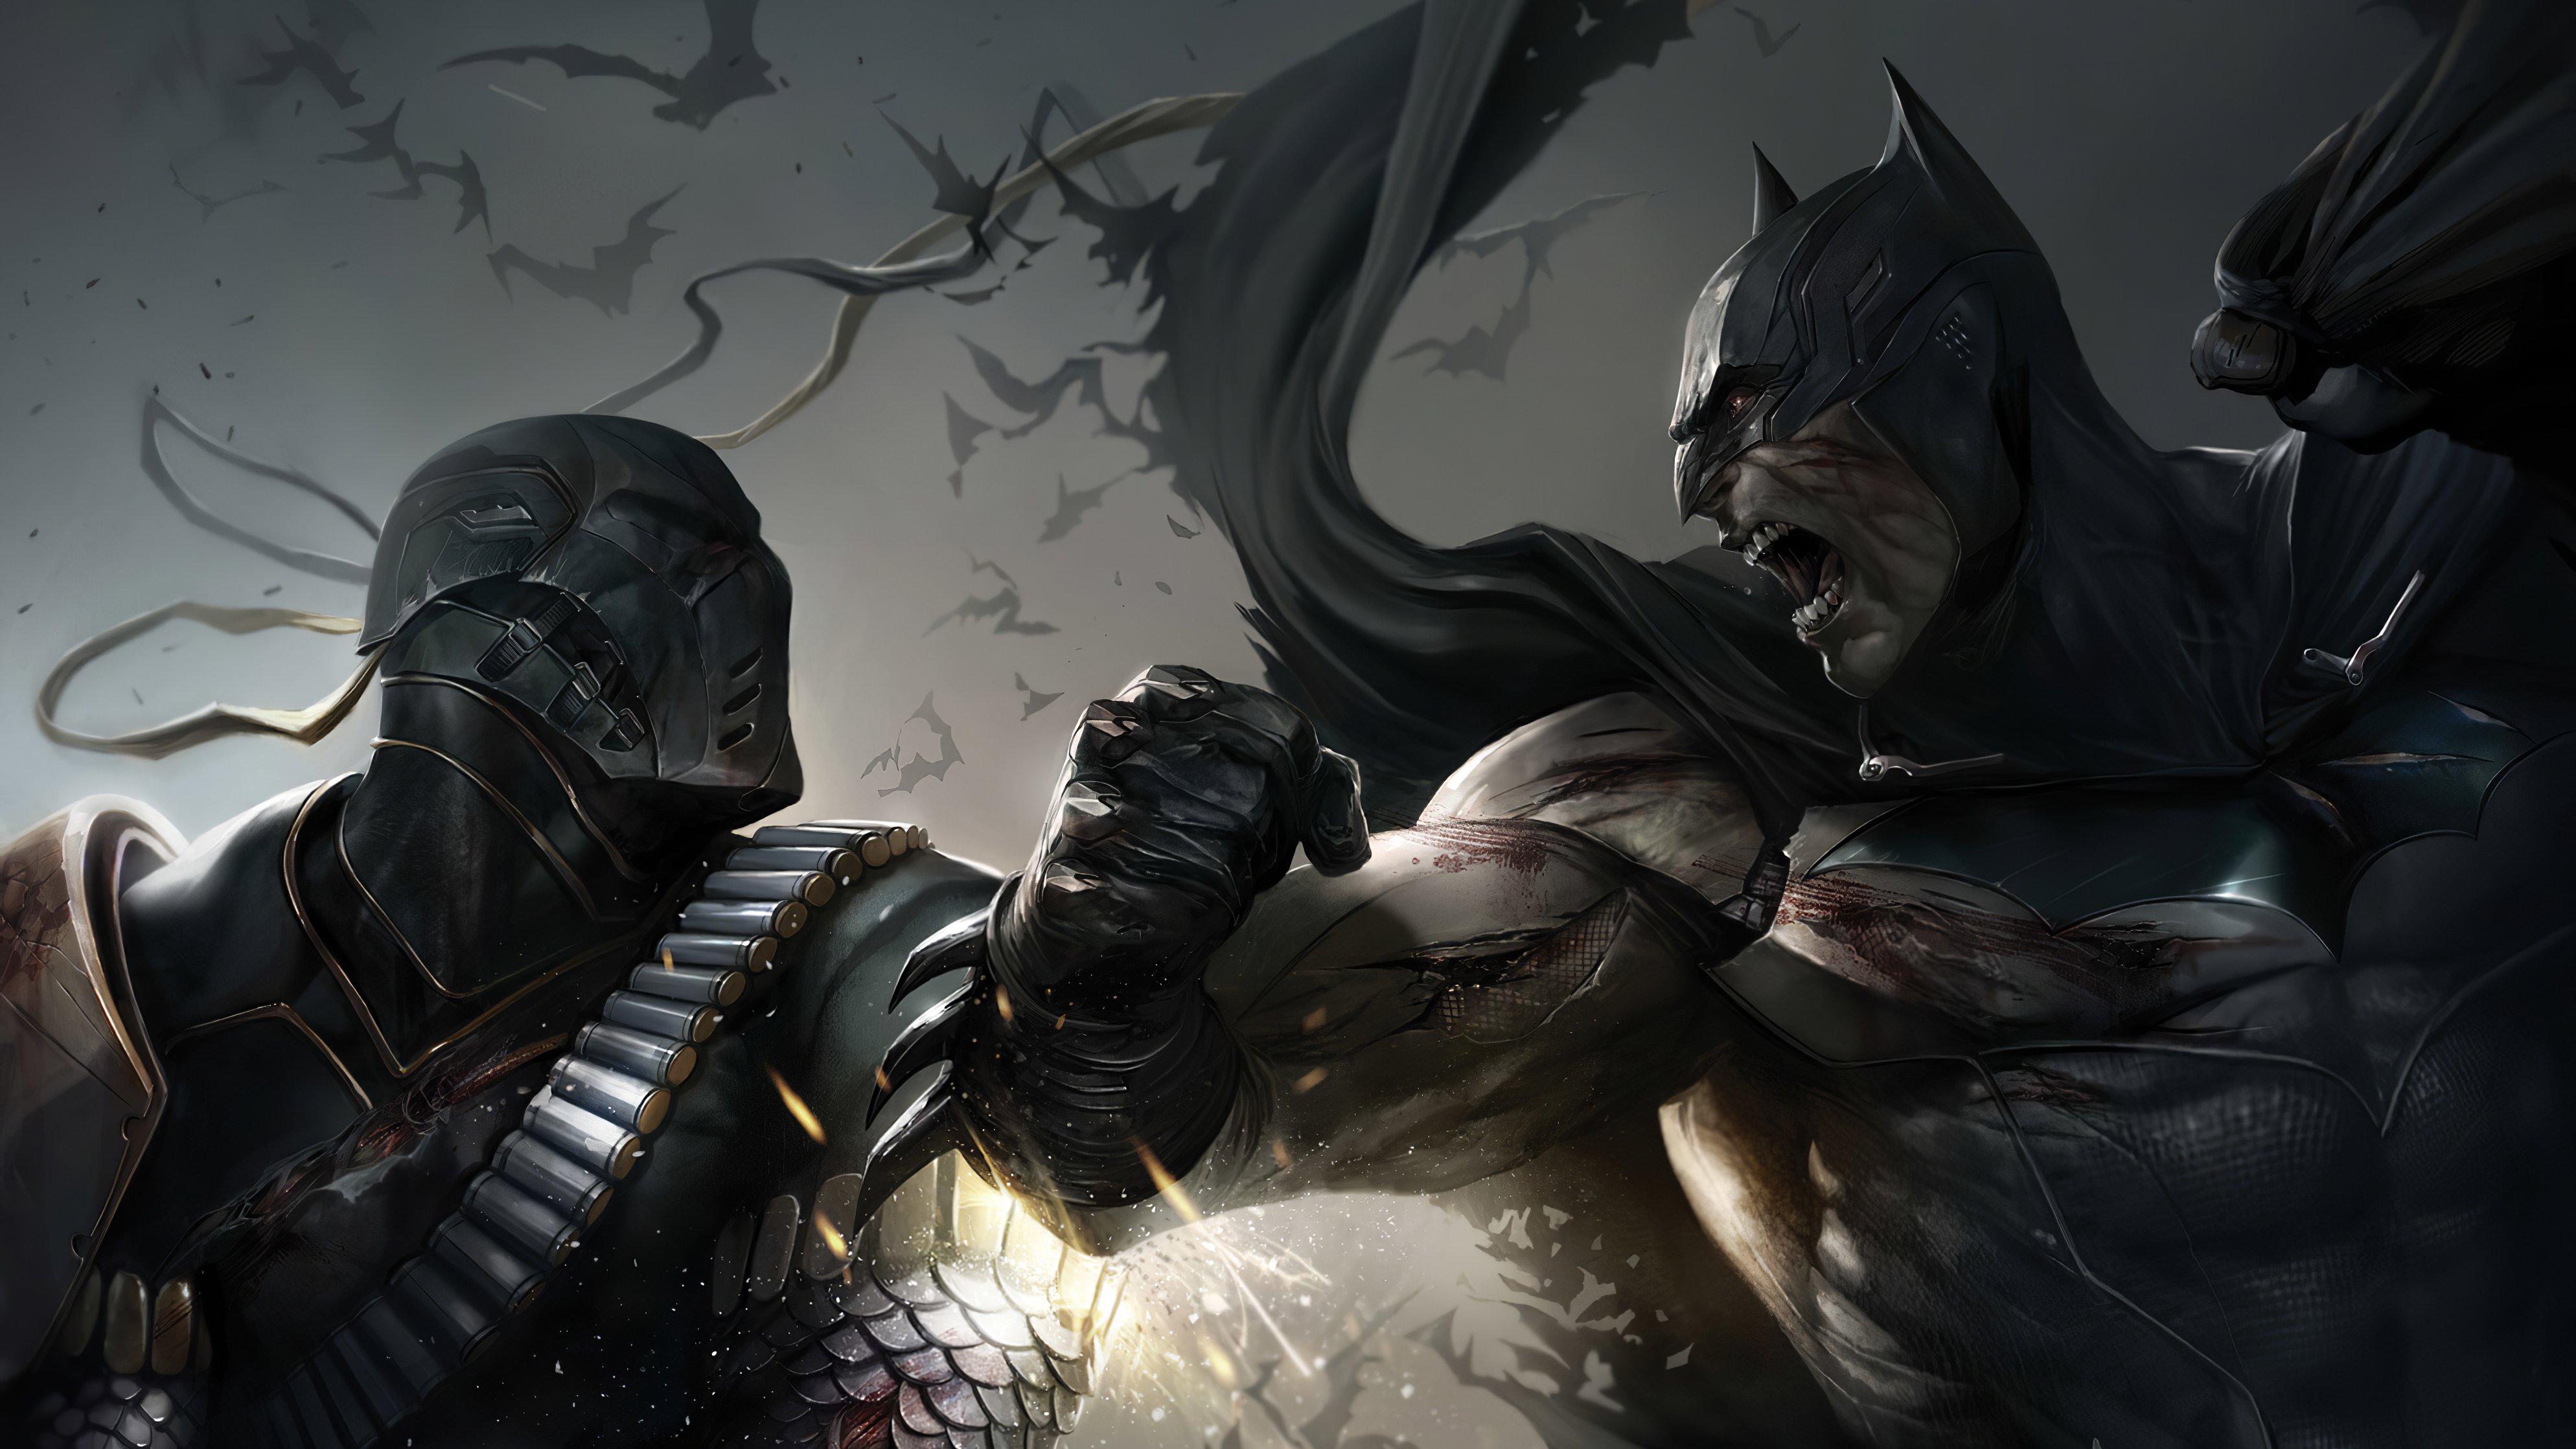 Fondos de pantalla Batman y Deathstroke peleando